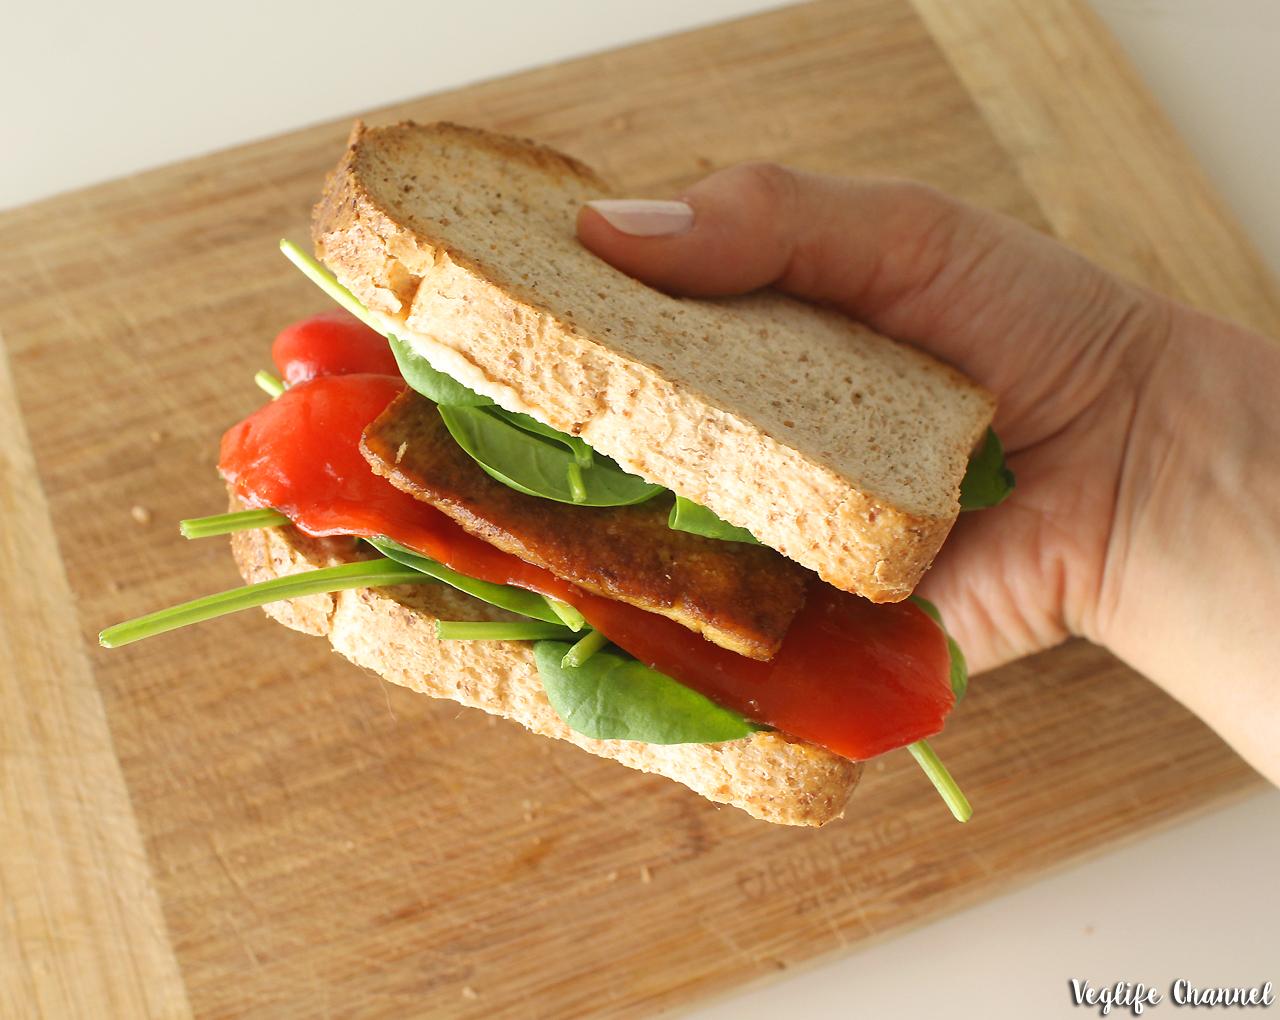 Idee Per Pranzi Sani : 5 idee sane e nutrienti per il pranzo fuori casa snack back to